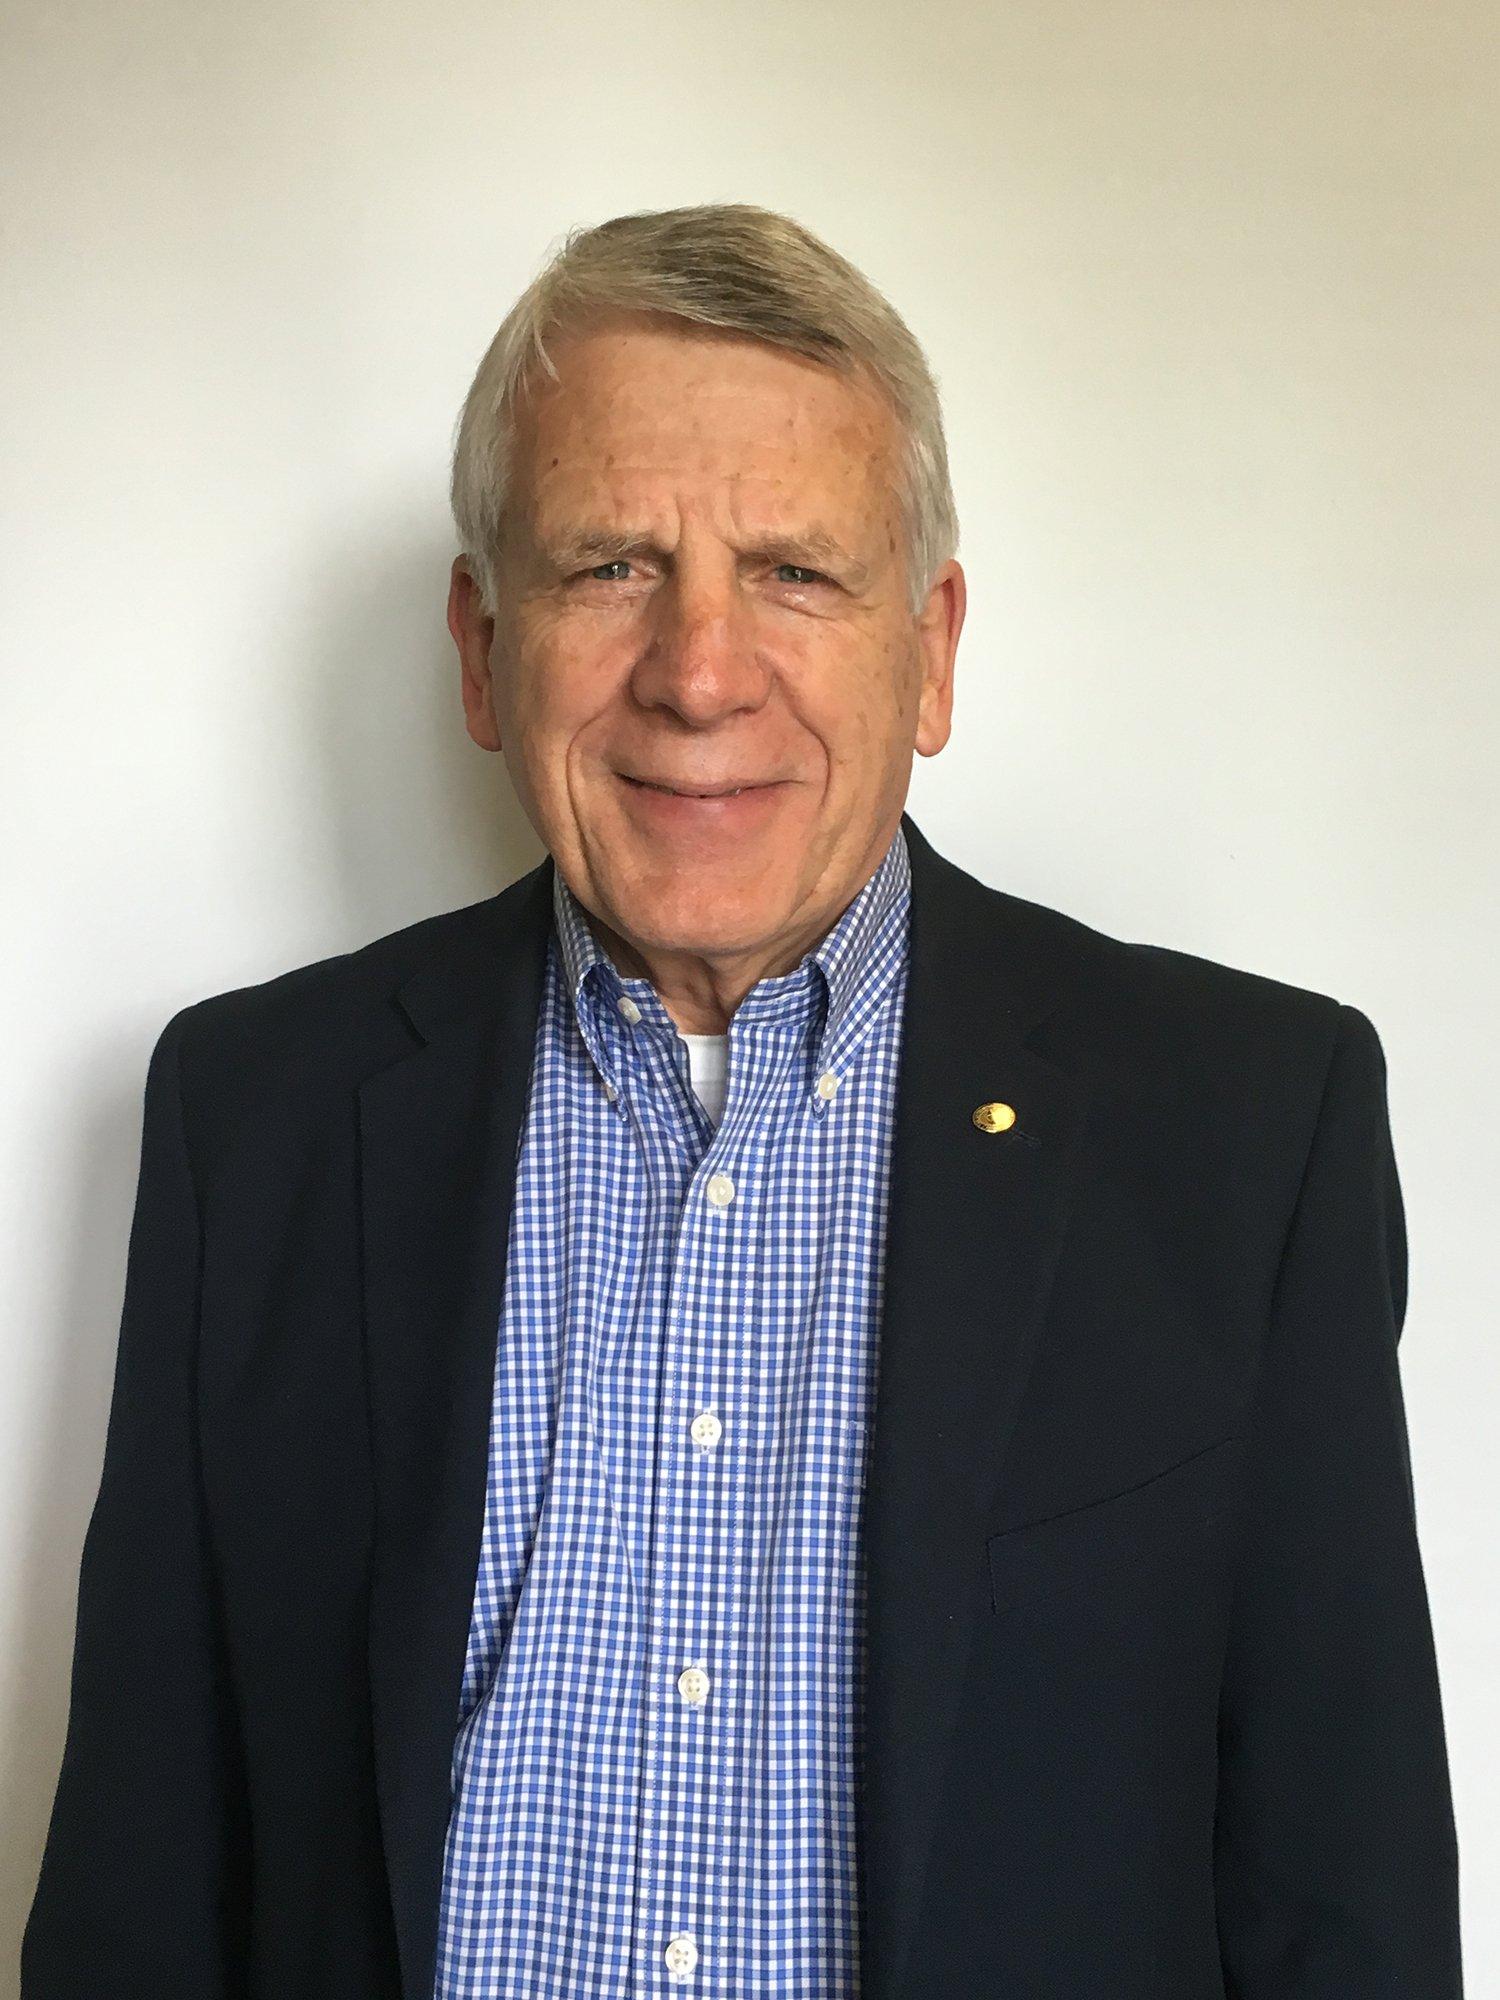 Rev. Dr. Kent E. Kroehler